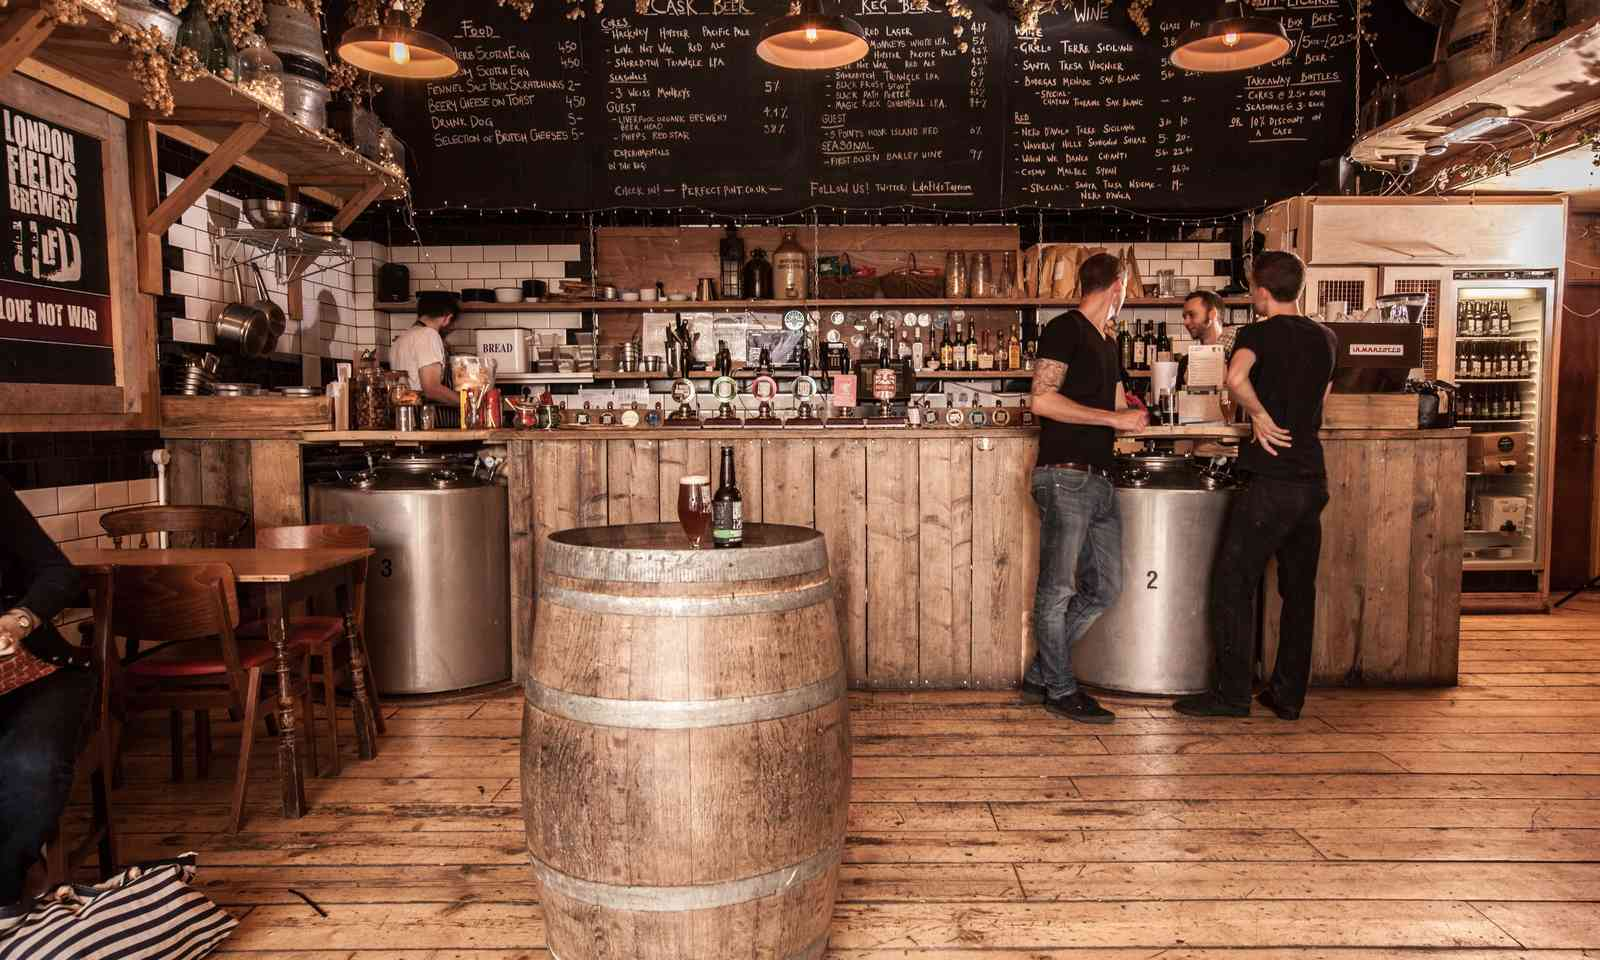 London Fields Tap Room (London Beer Week)